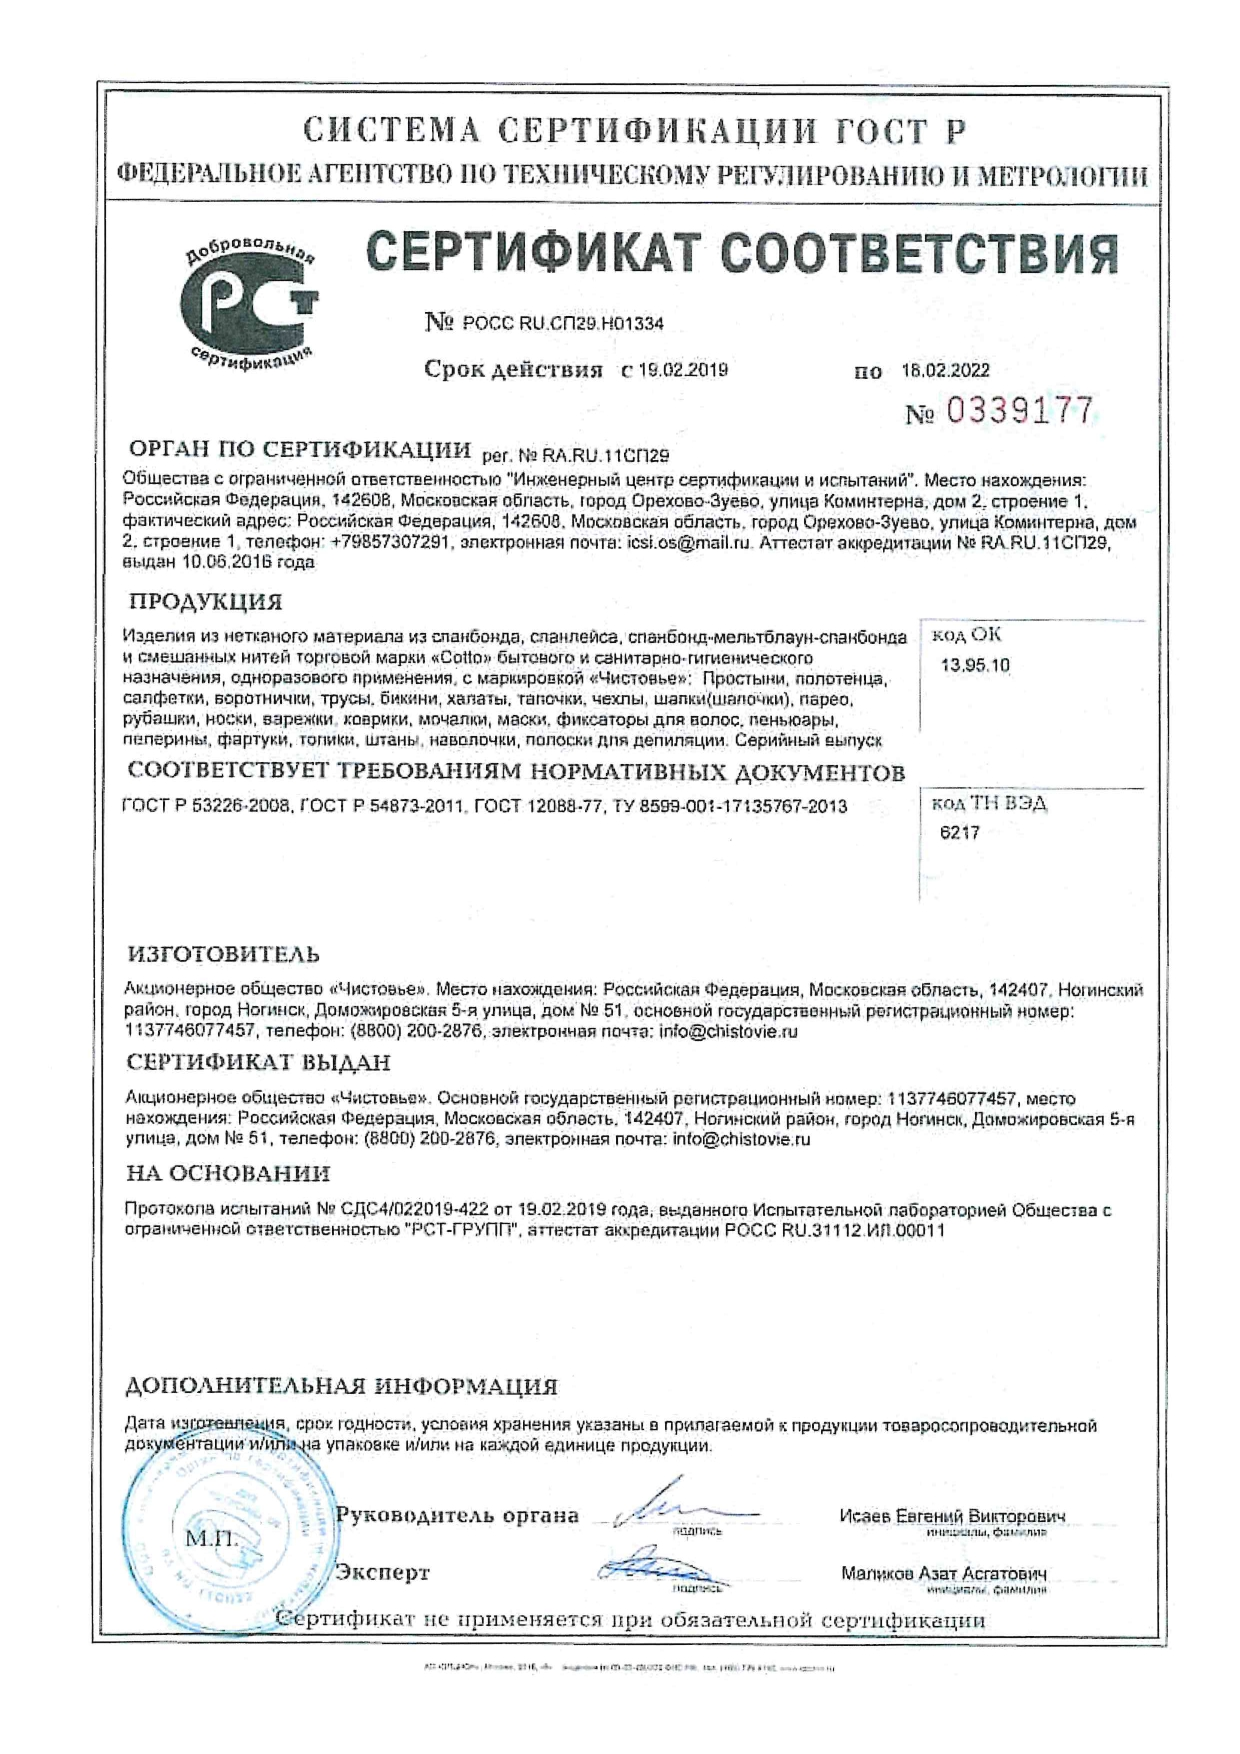 Сертификат соответствия маски Чистовье